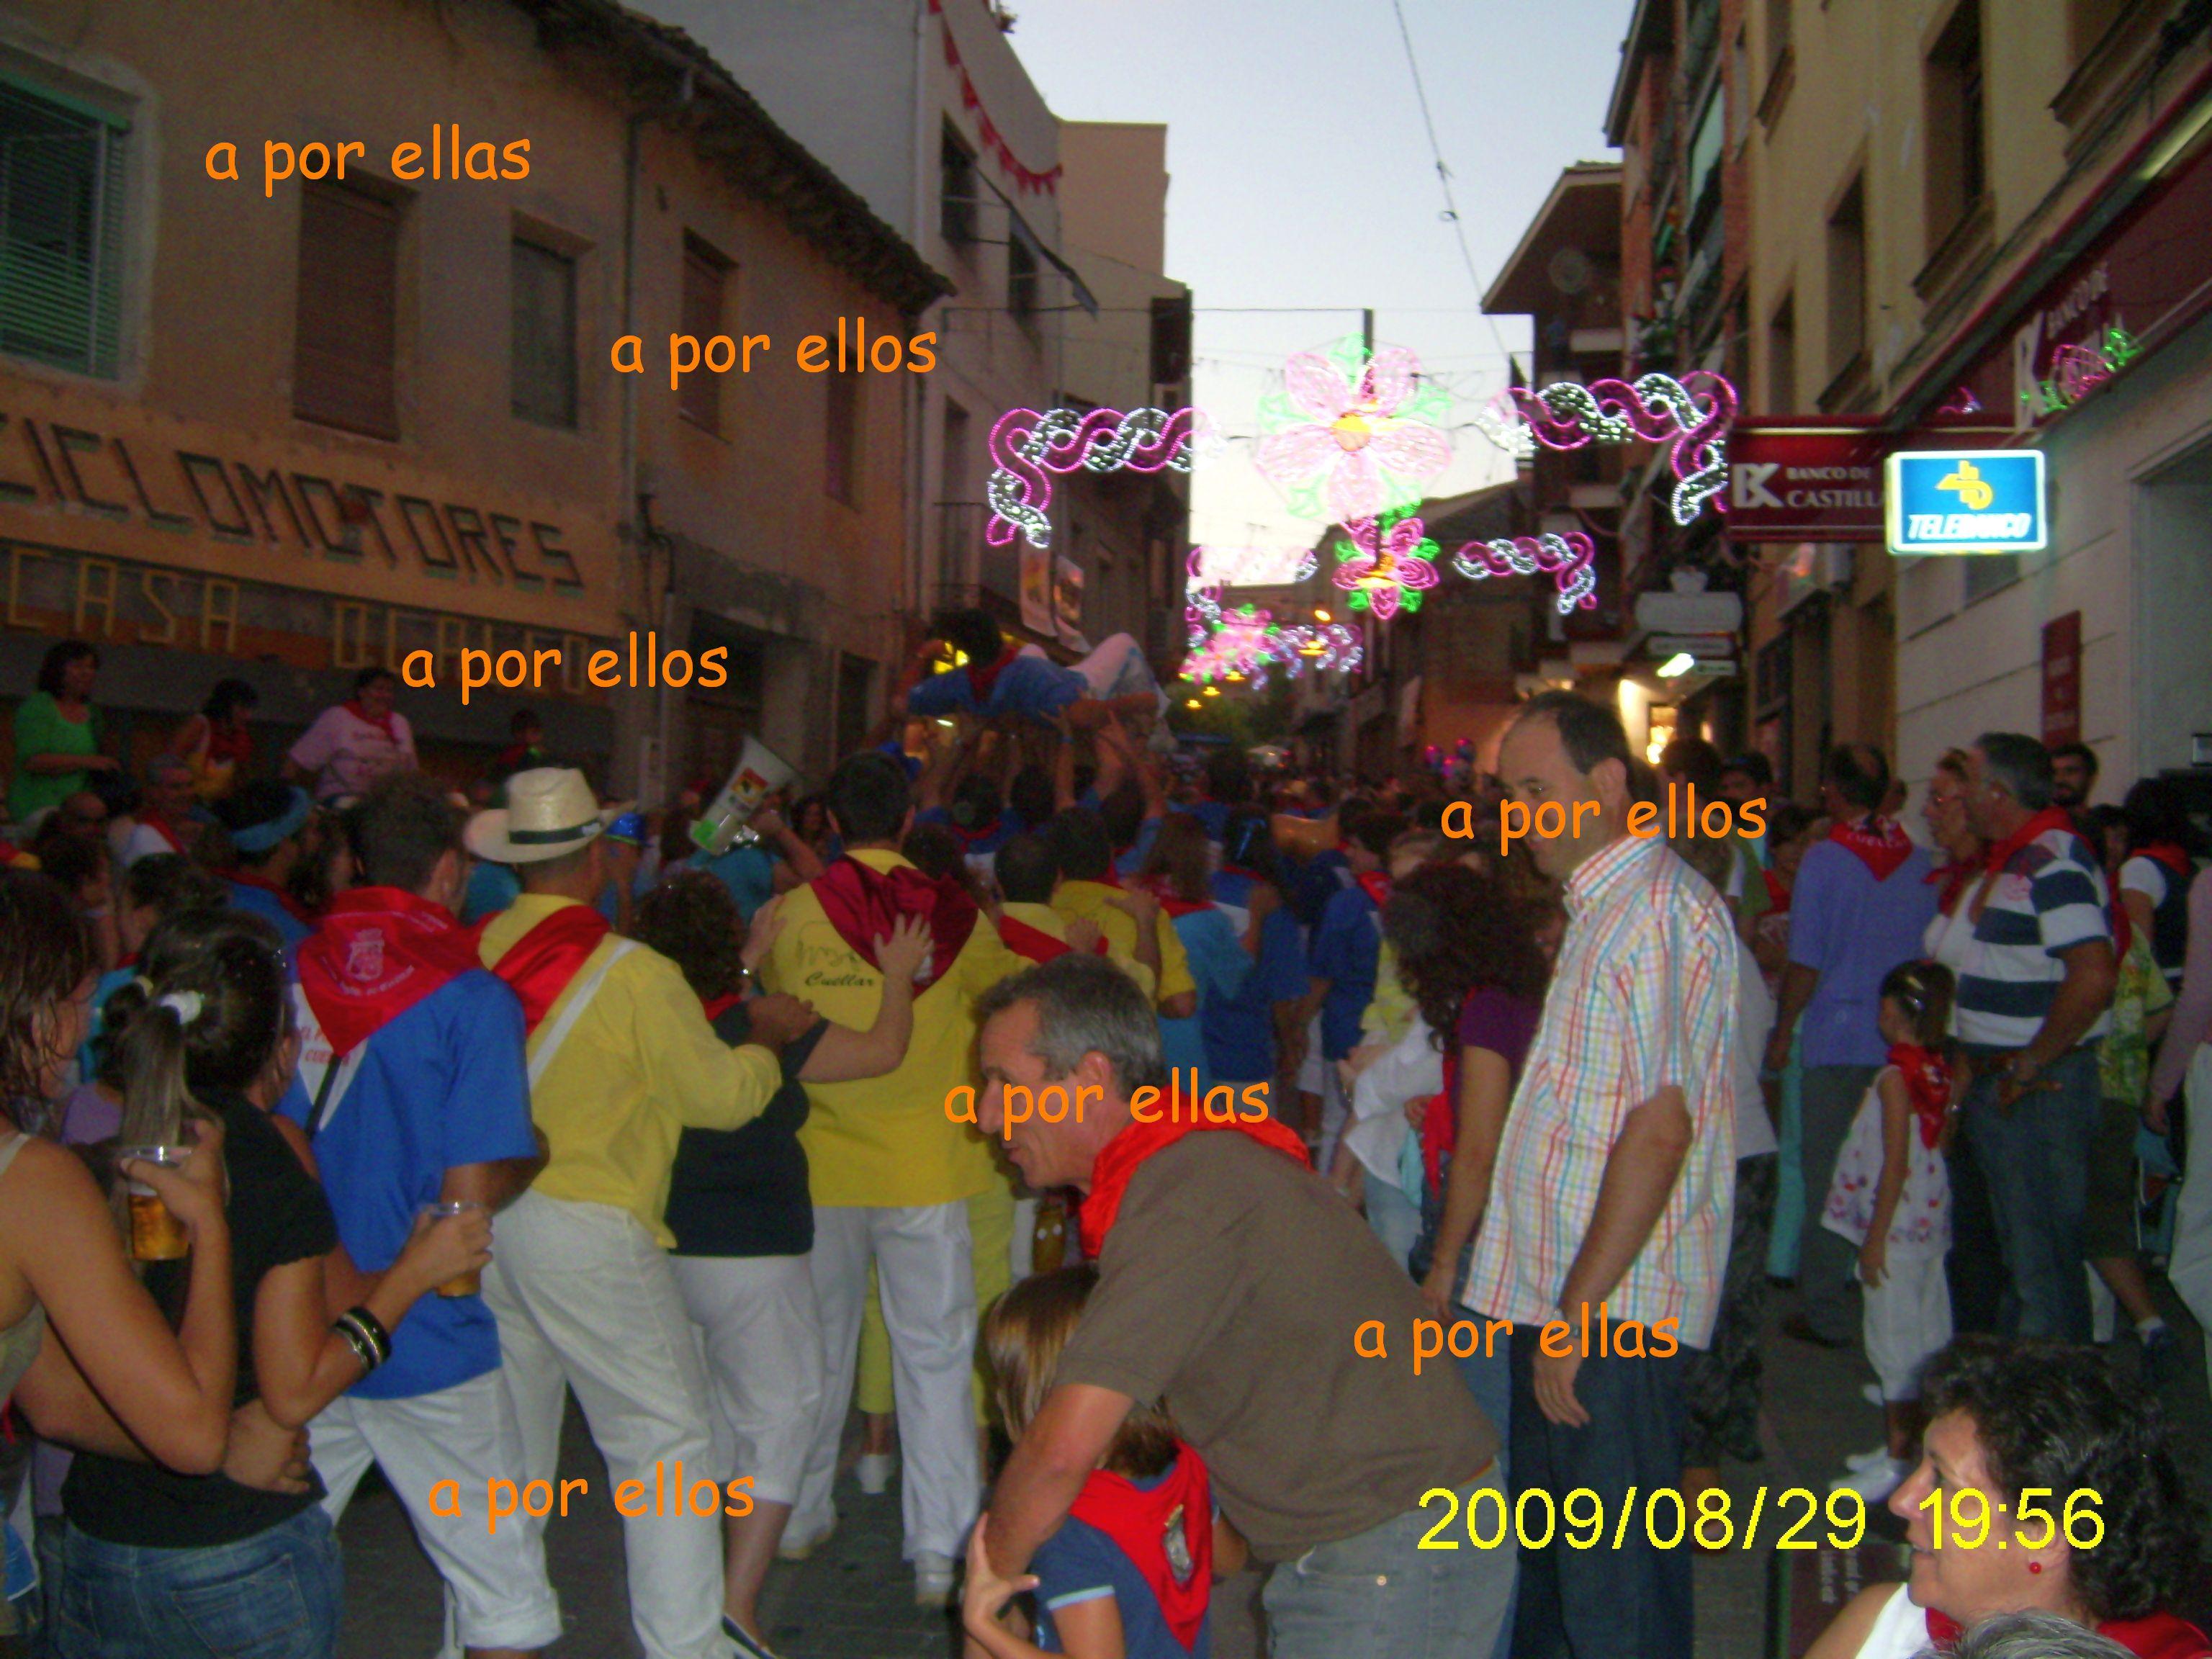 Desfile de peñas el sábado de toros por la calle las parras, el año 2009